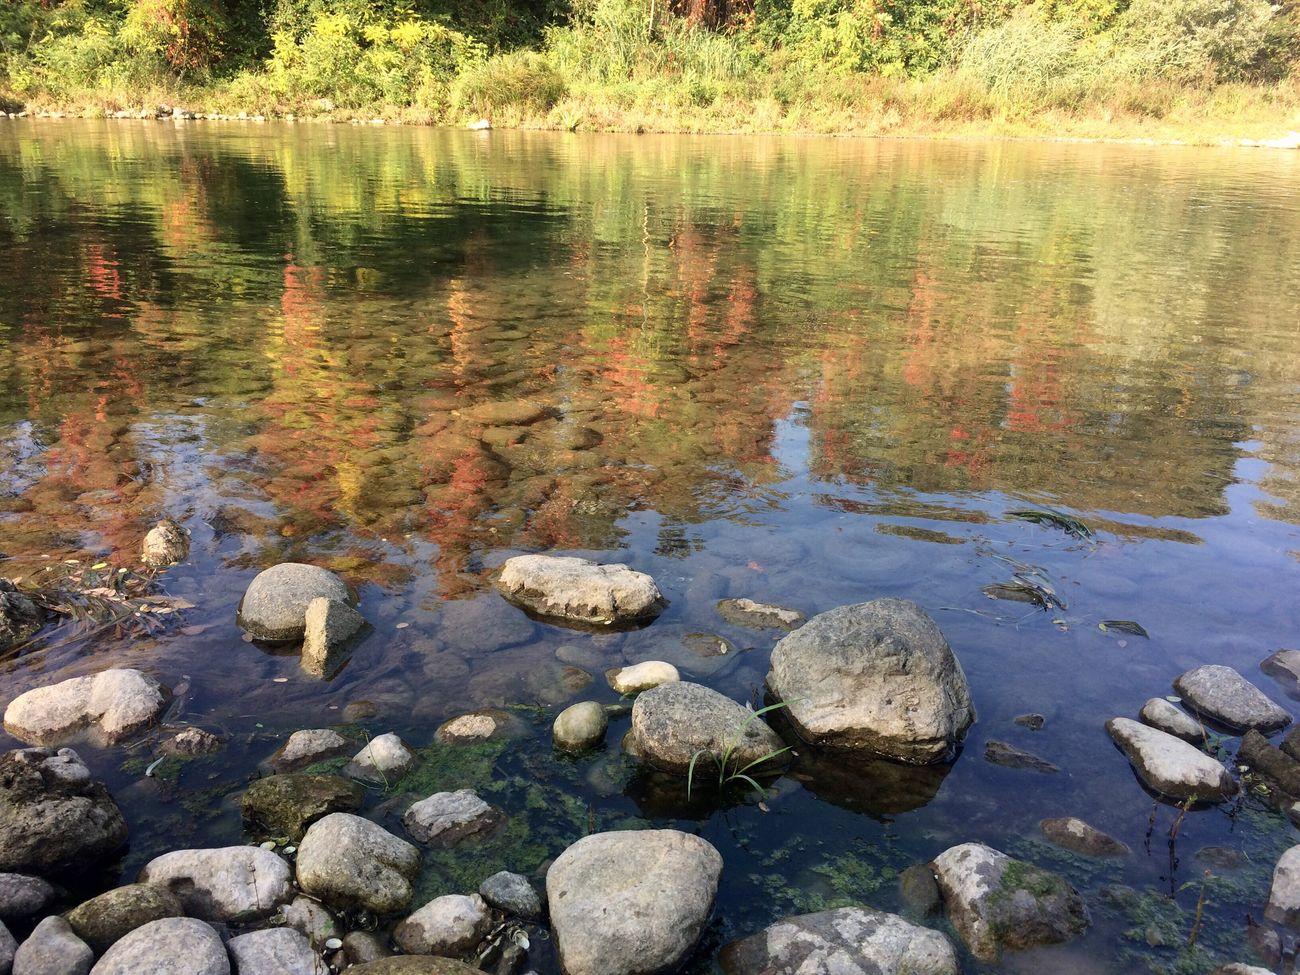 Ie sponde del fiume Oglio con colori autunnali